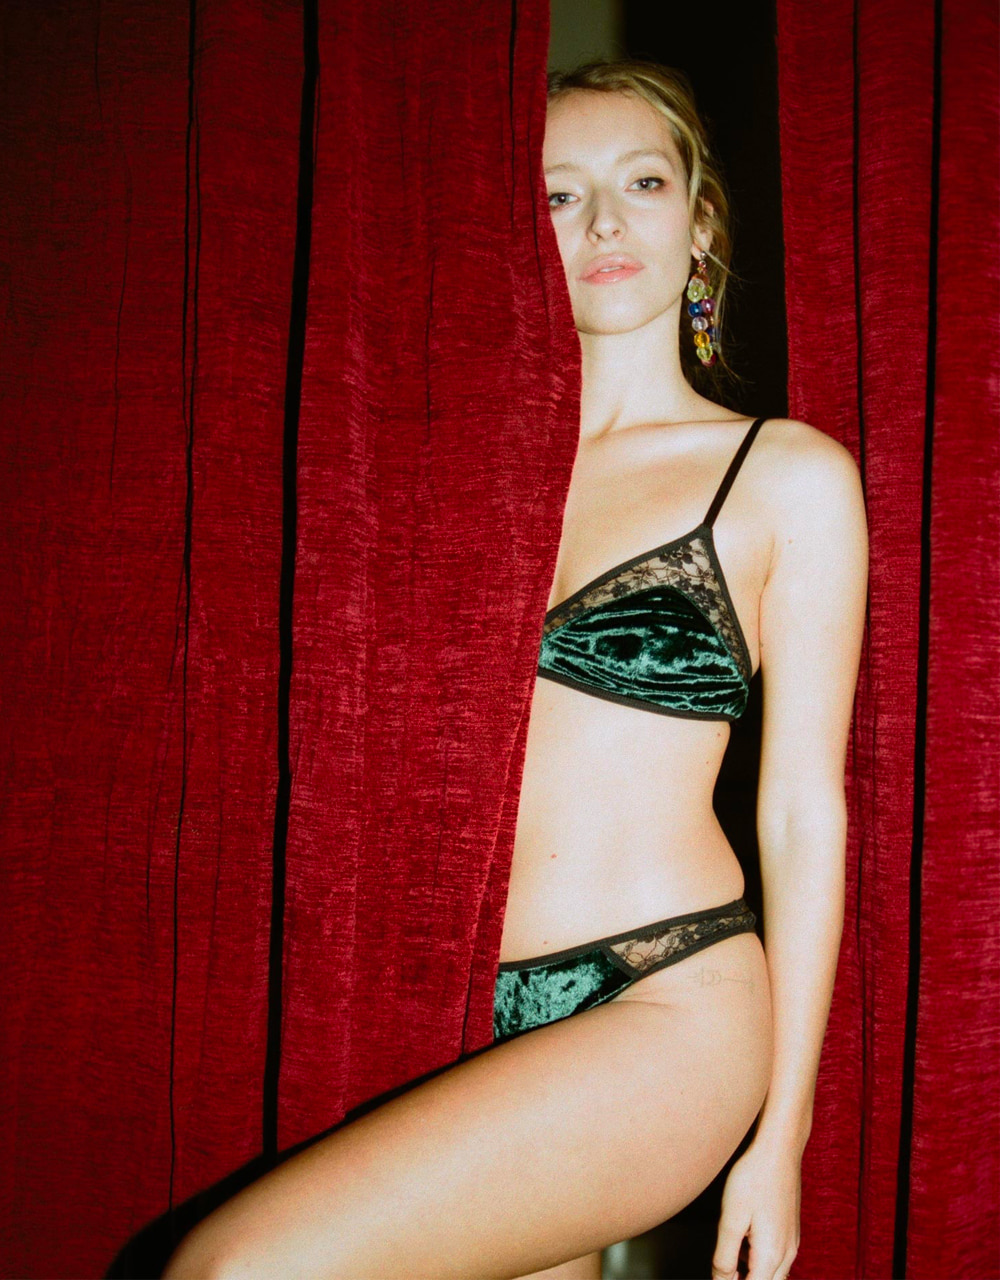 lingerie tanga Very Velvet Green Queen 20 € Girls In Paris photo 1